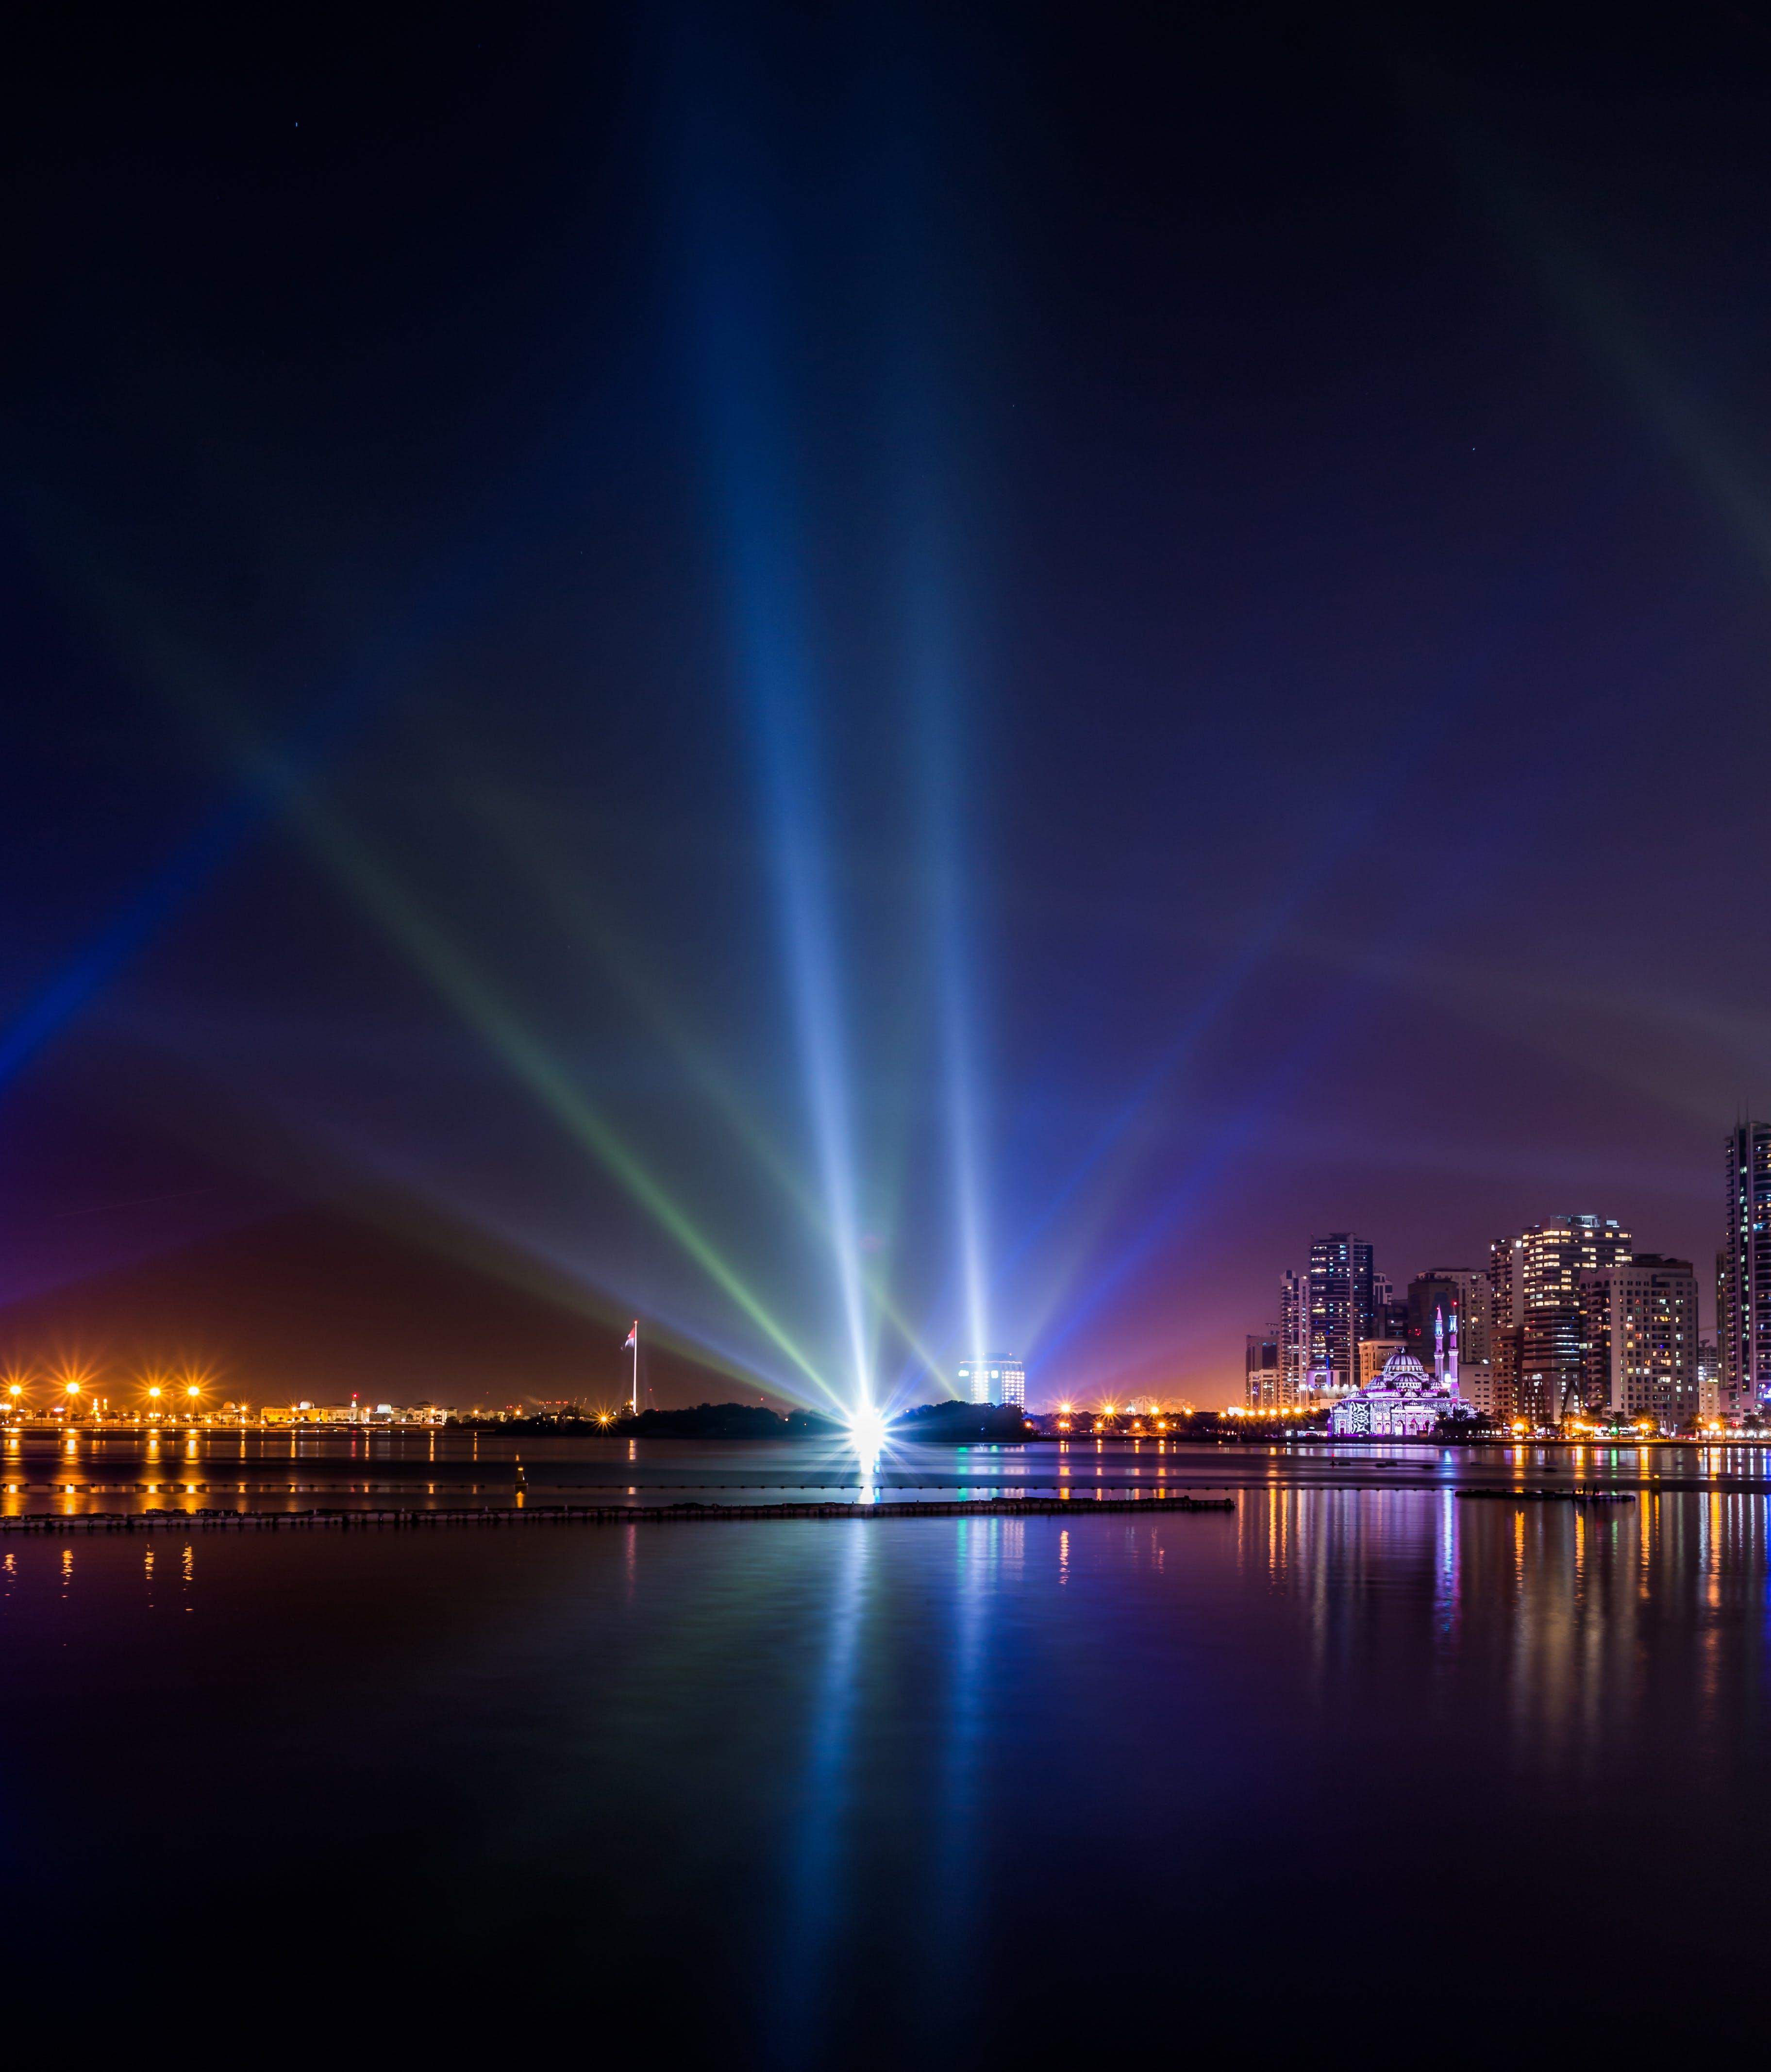 Ilmainen kuvapankkikuva tunnisteilla arkkitehtuuri, energia, ilta, kaunis